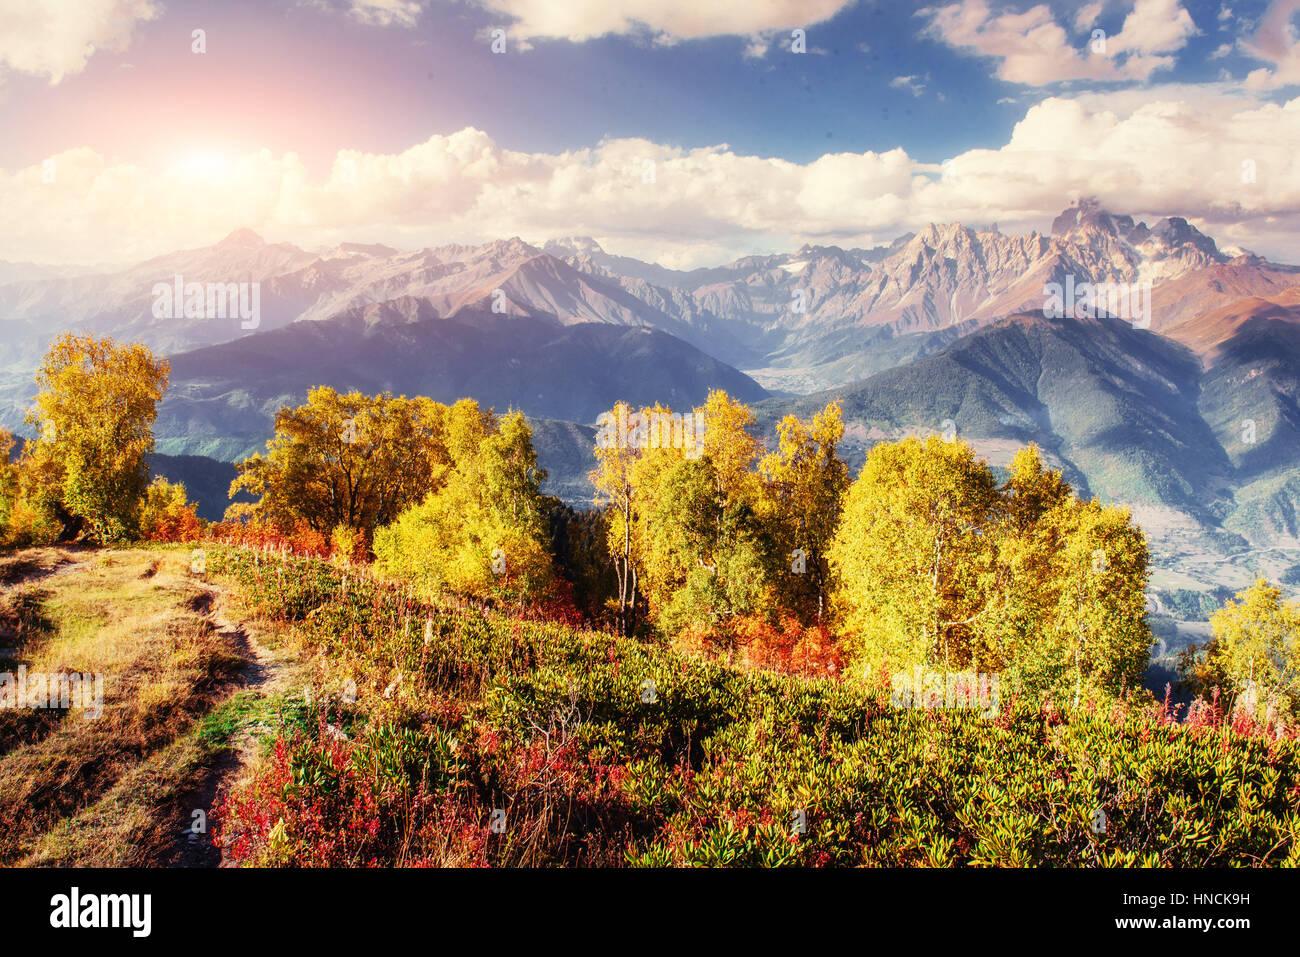 Paysage d'automne et les sommets des montagnes. Avis du PE Photo Stock